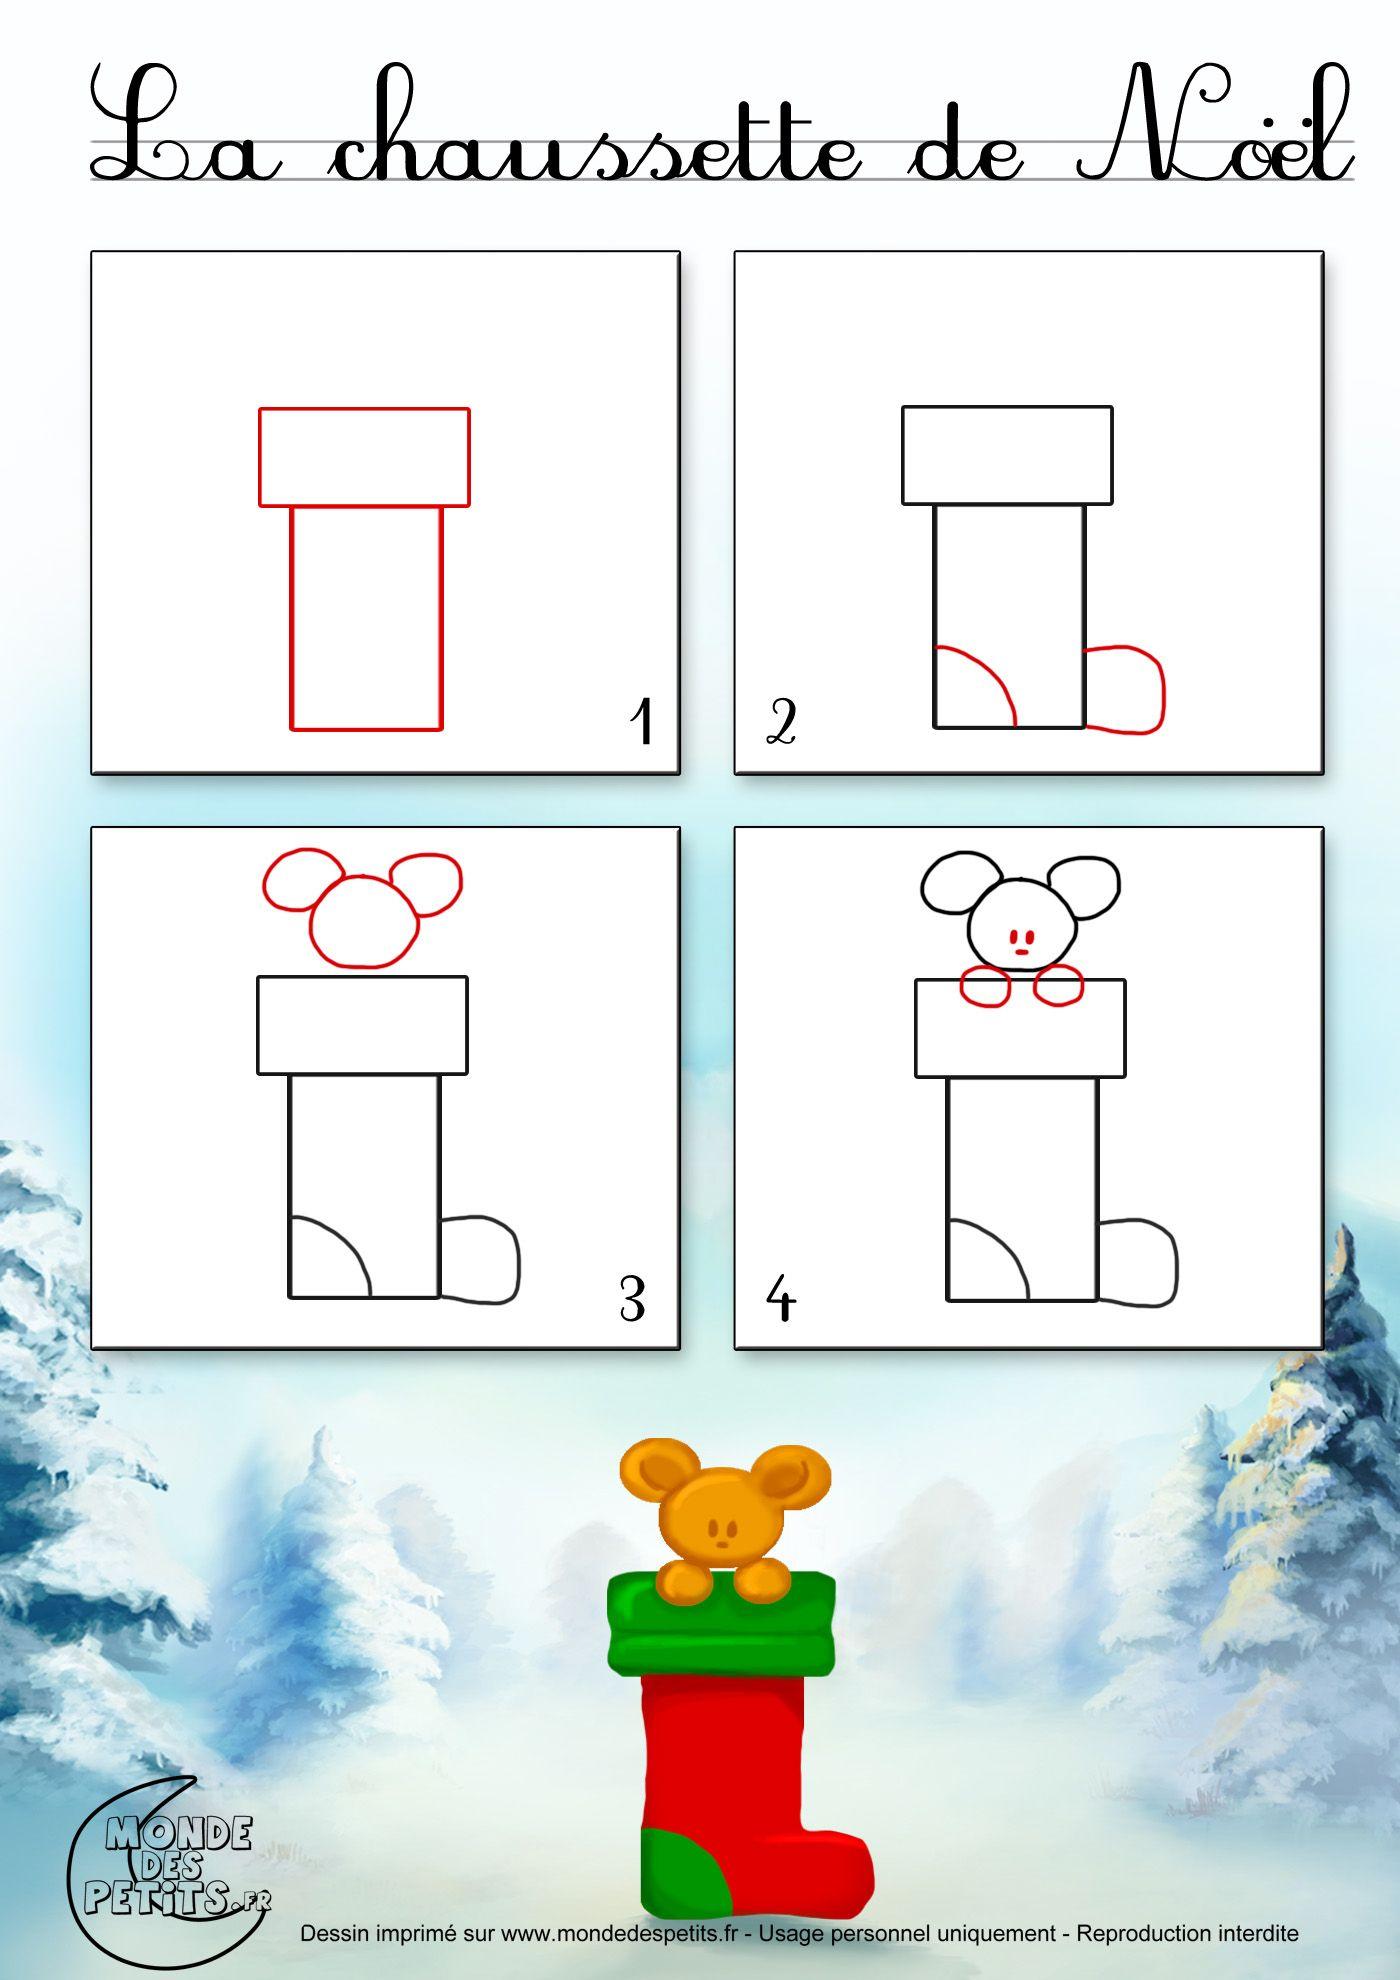 Dessin2_Comment Dessiner Une Chaussette De Noël ? | Dessin avec Comment Dessiner Le Pere Noel